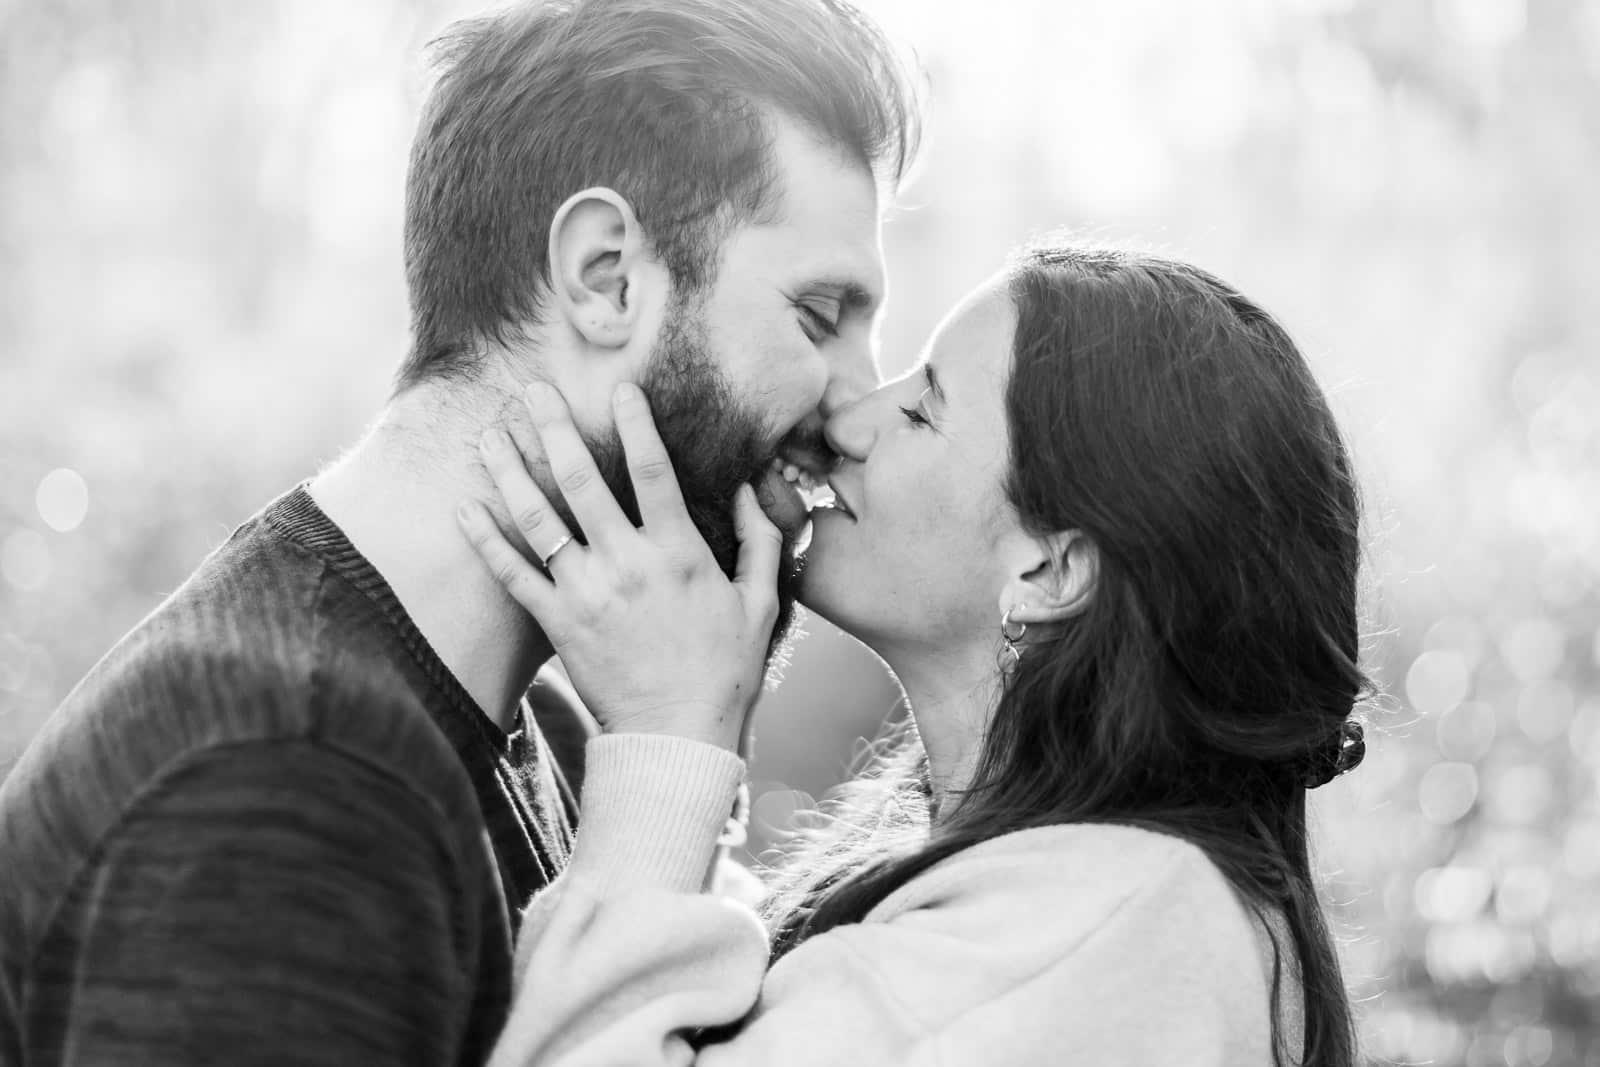 Photographie de Mathieu Dété présentant les meilleures poses pour des photos de couple, le couple s'embrasse tendrement